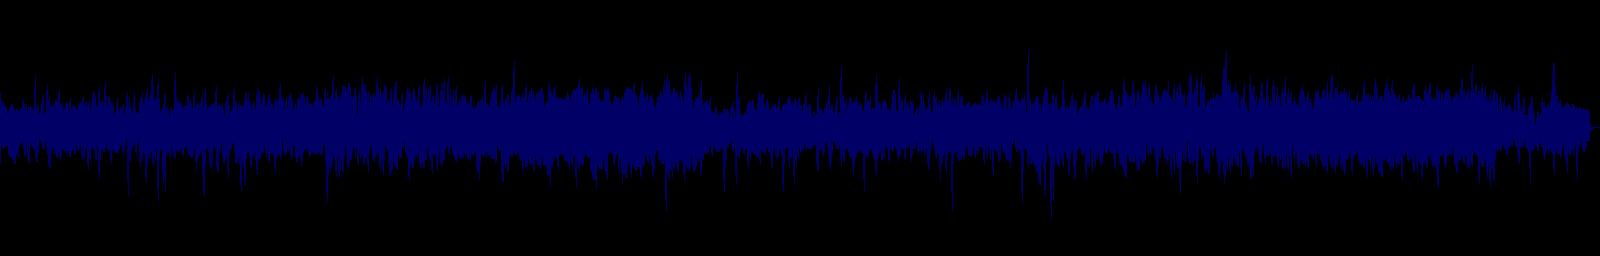 waveform of track #135587